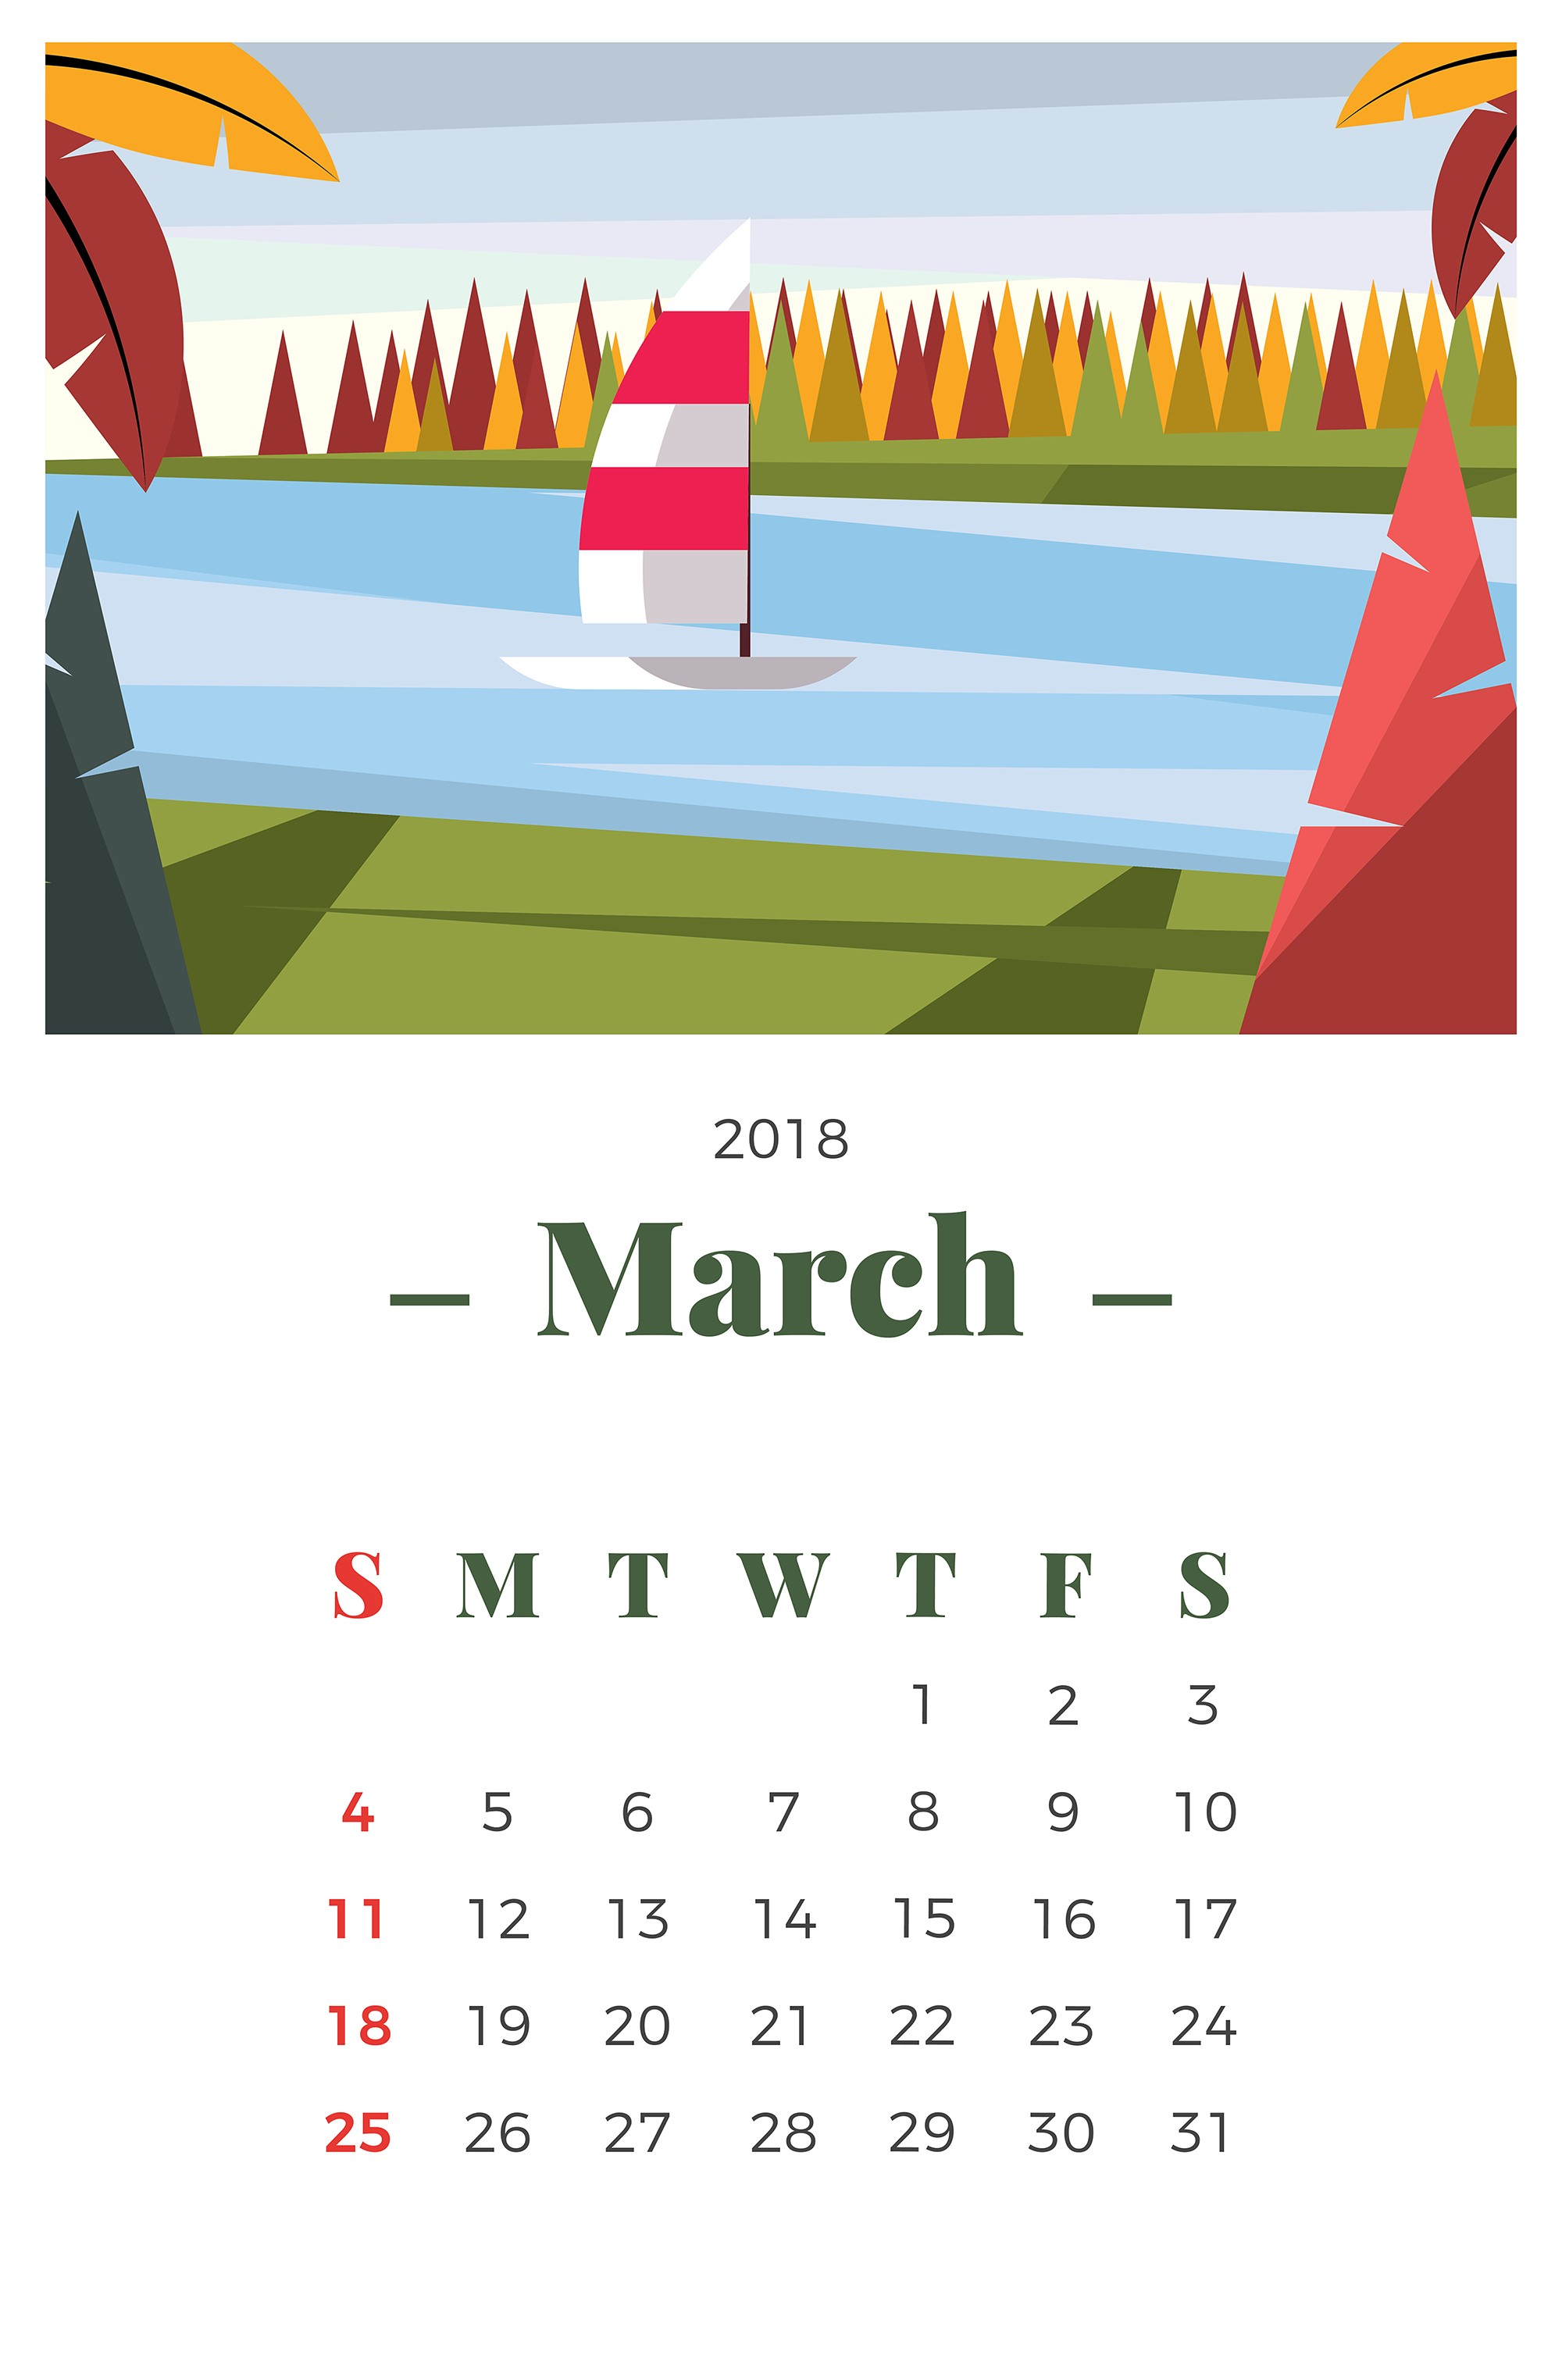 Calendario Mensual 2019 Para Imprimir Gratis Más Recientes Calendario De Paisaje De Marzo De 2018 Descargue Gráficos Y Of Calendario Mensual 2019 Para Imprimir Gratis Más Recientes Calendario Para Imprimir 2019 Abril Calendario Imprimir